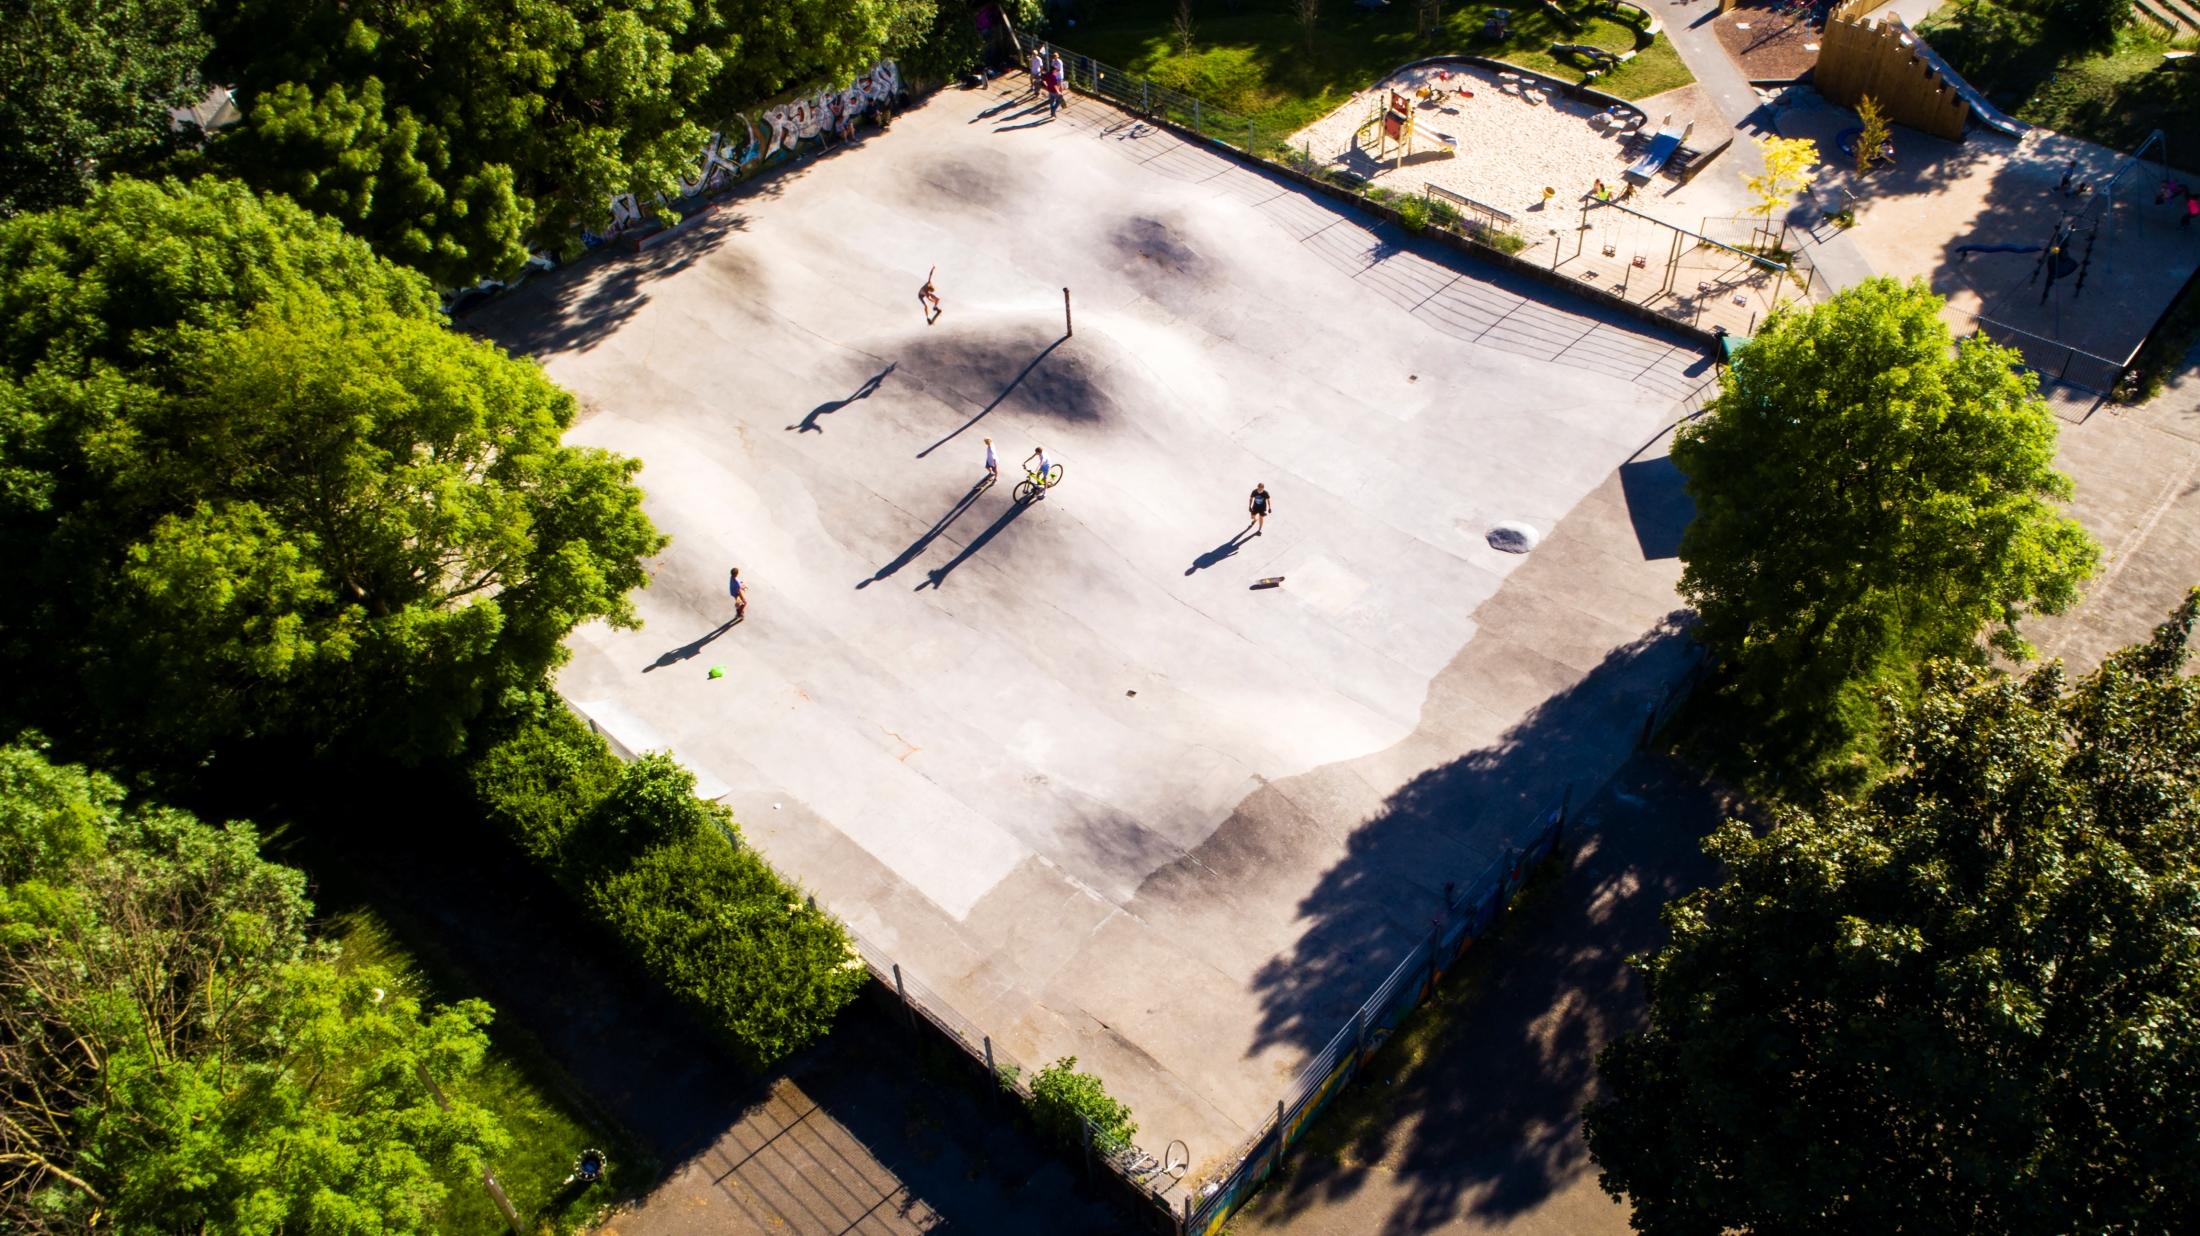 Jørn Tomter, Hackney Bumps, London 2020 © Jørn Tomter